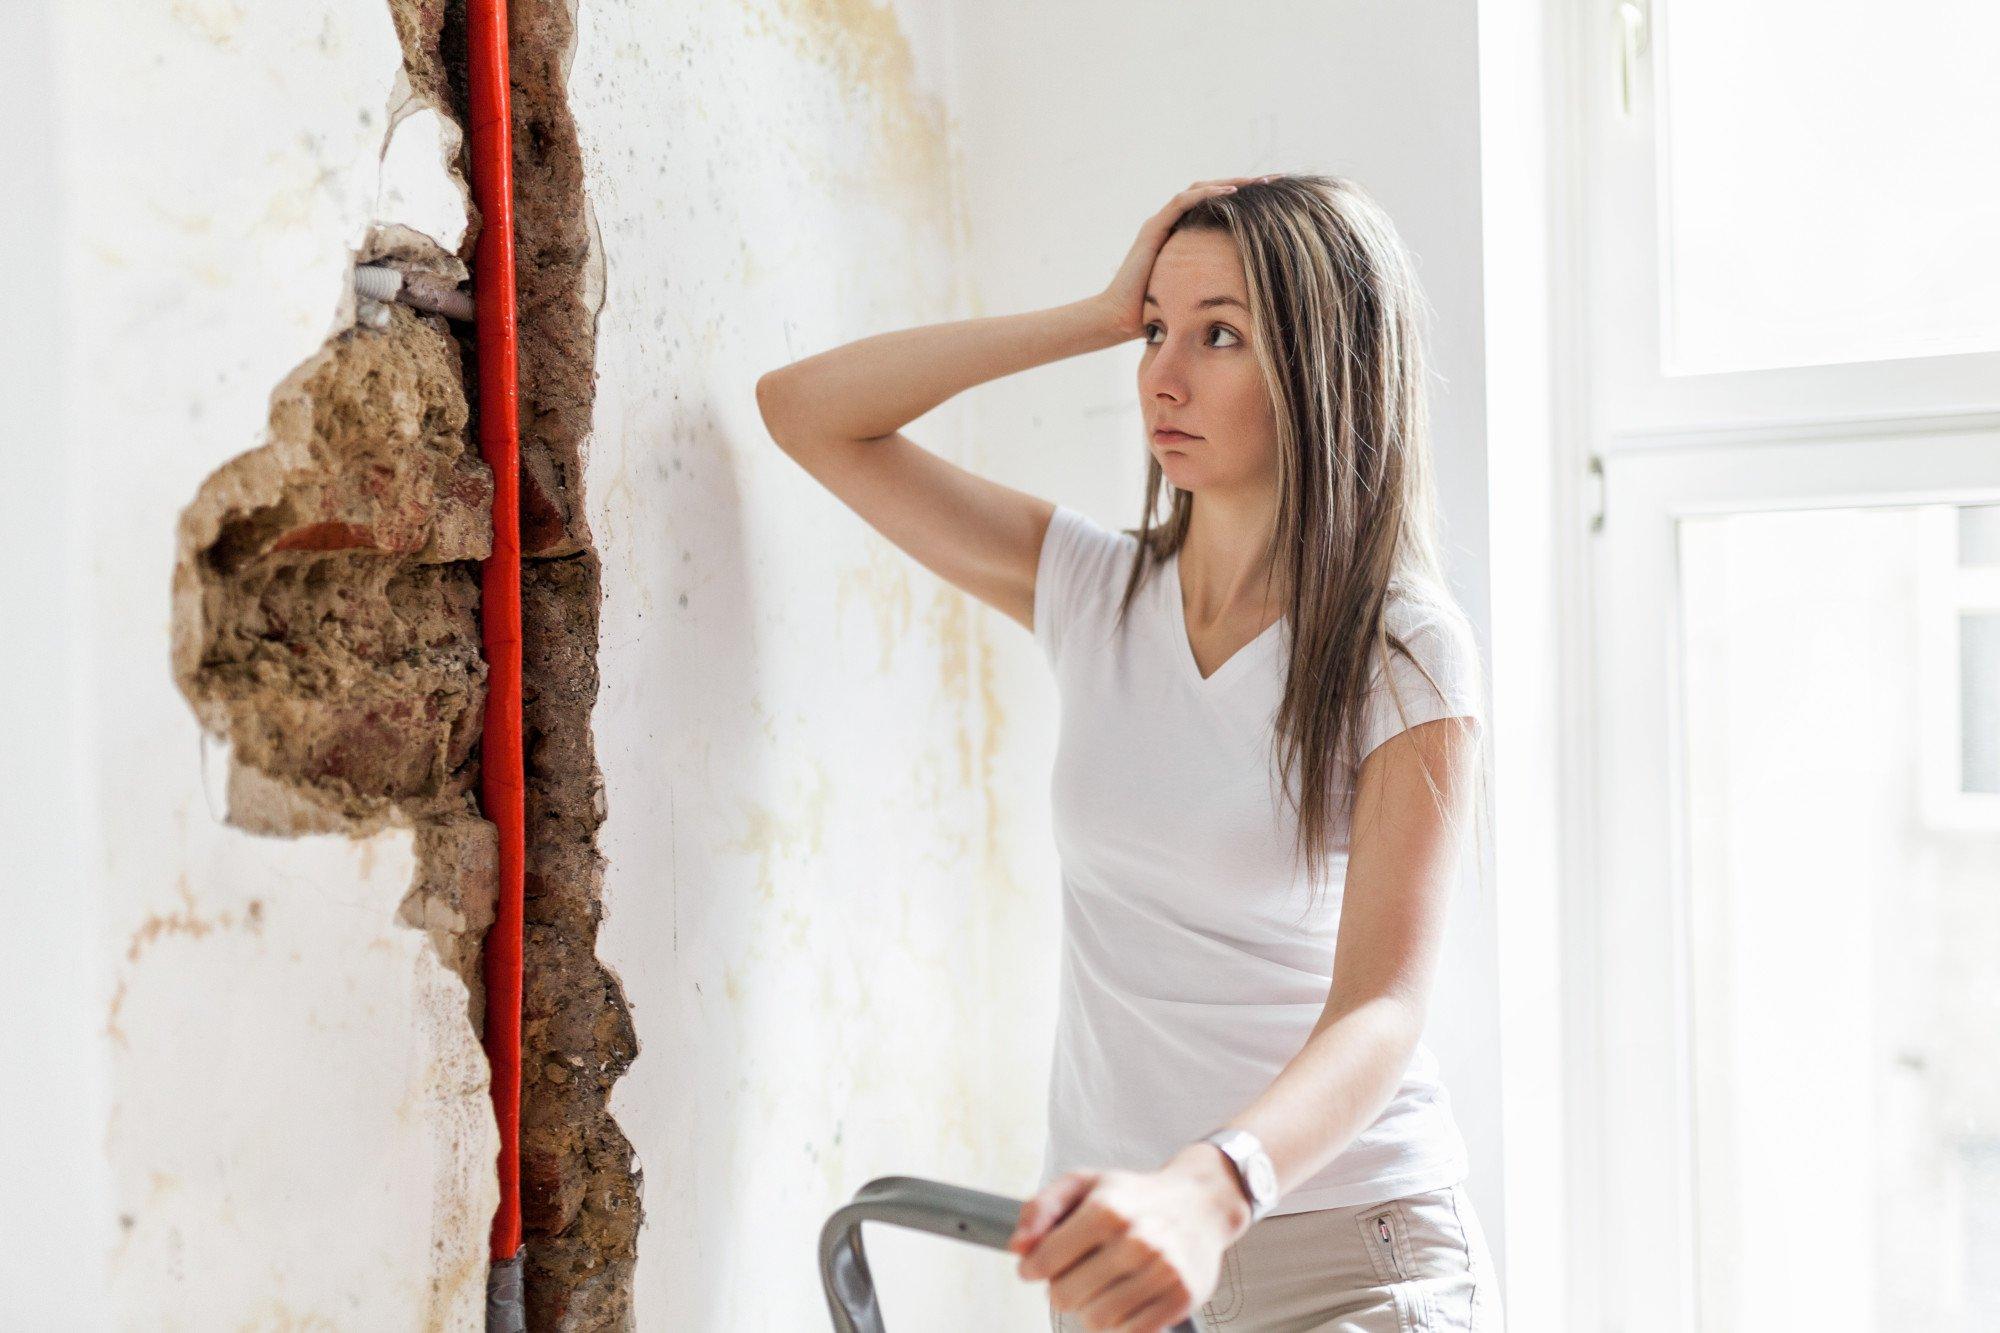 water leak in the wall